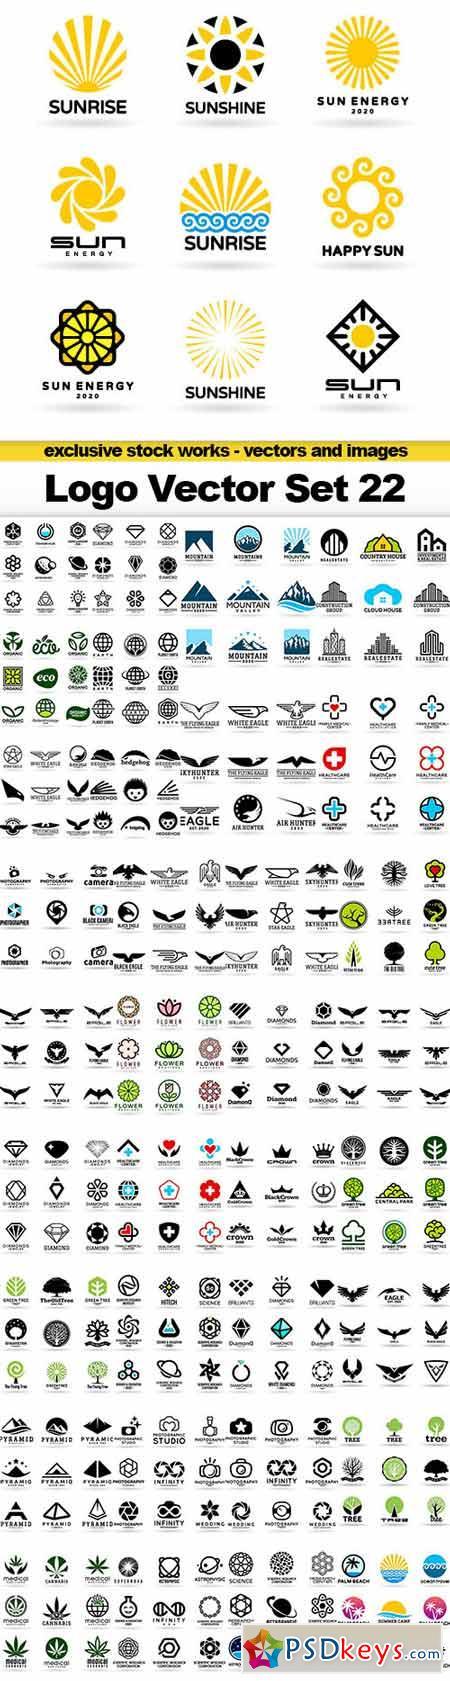 Logo Vector Set 22 - 35x EPS